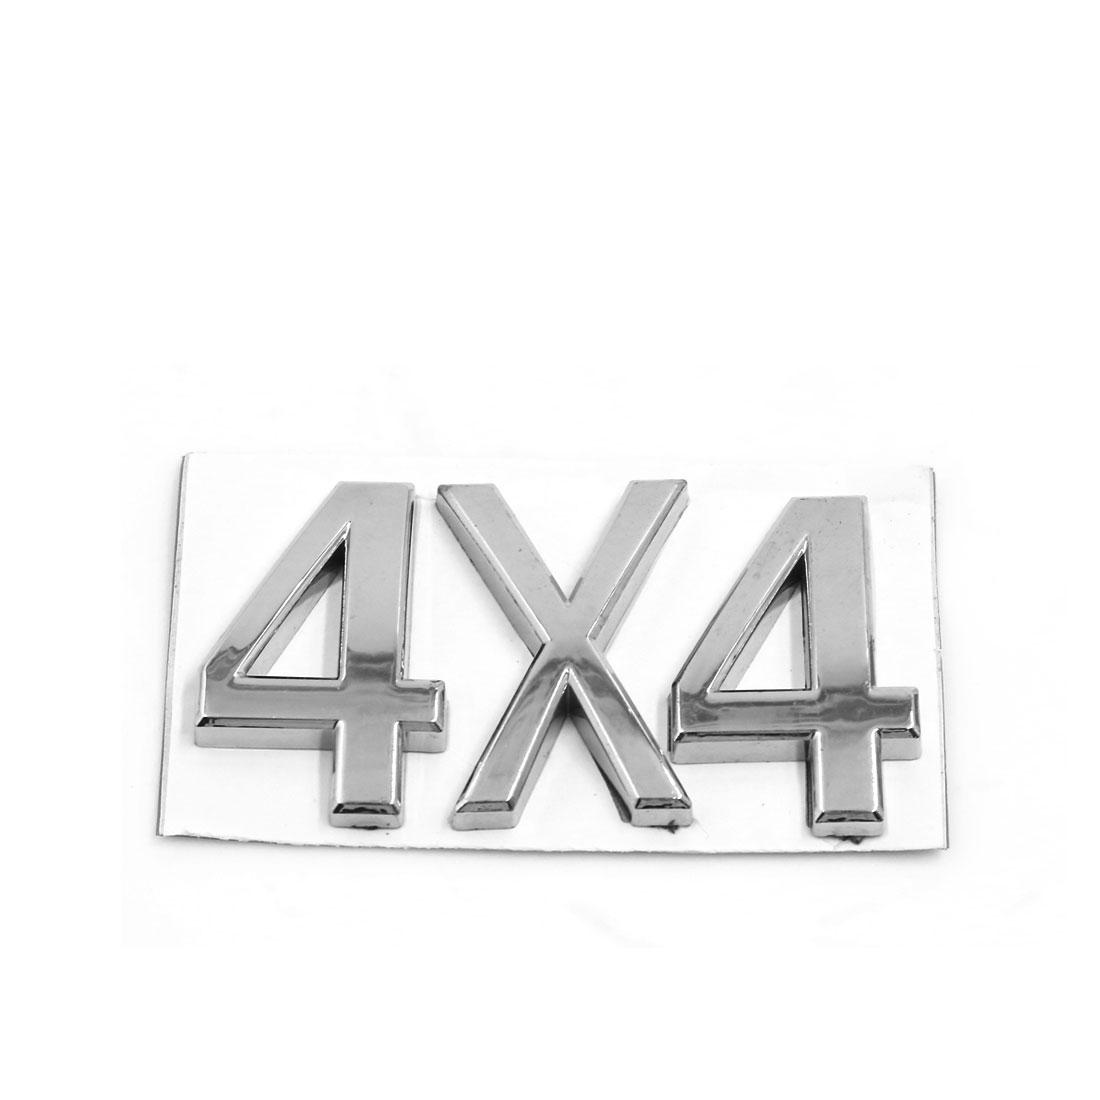 Silver Tone Plastic 4X4 Design Grille Emblem Badge Decoration for Car Auto